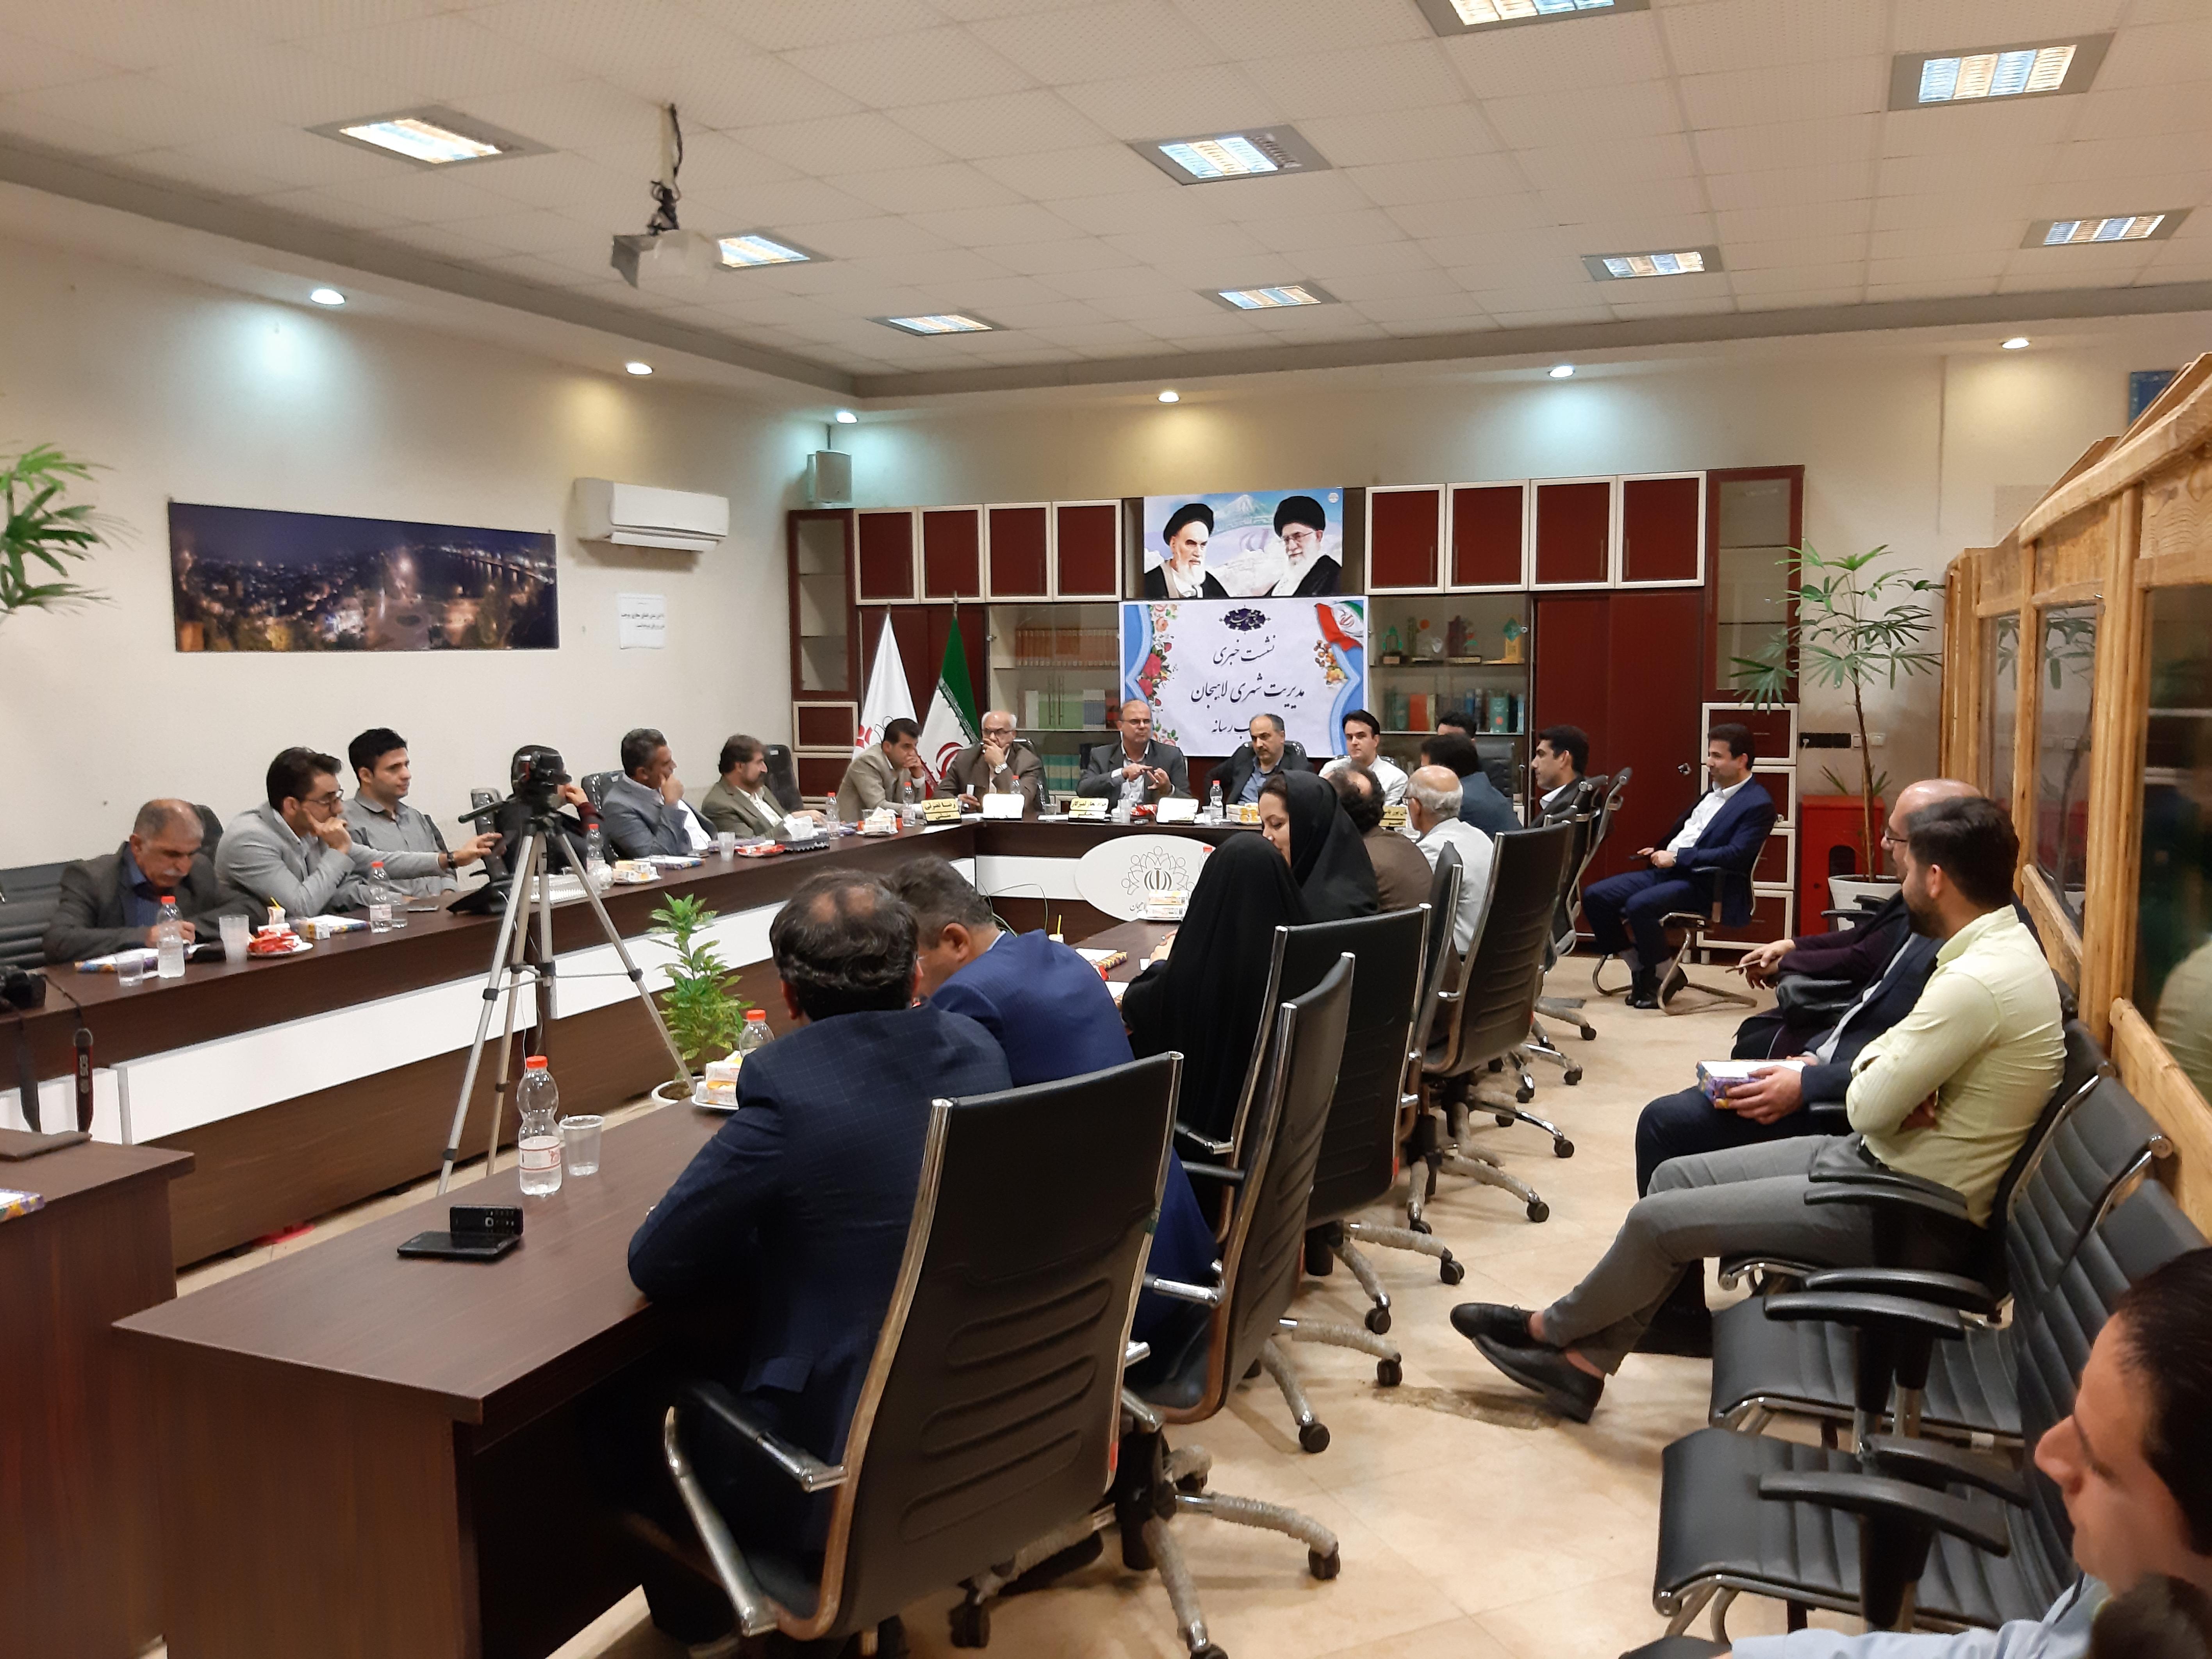 مباحثه پیرامون پسماند و معضلات روستای تموشل در نشست رسانه شورای شهرستان لاهیجان